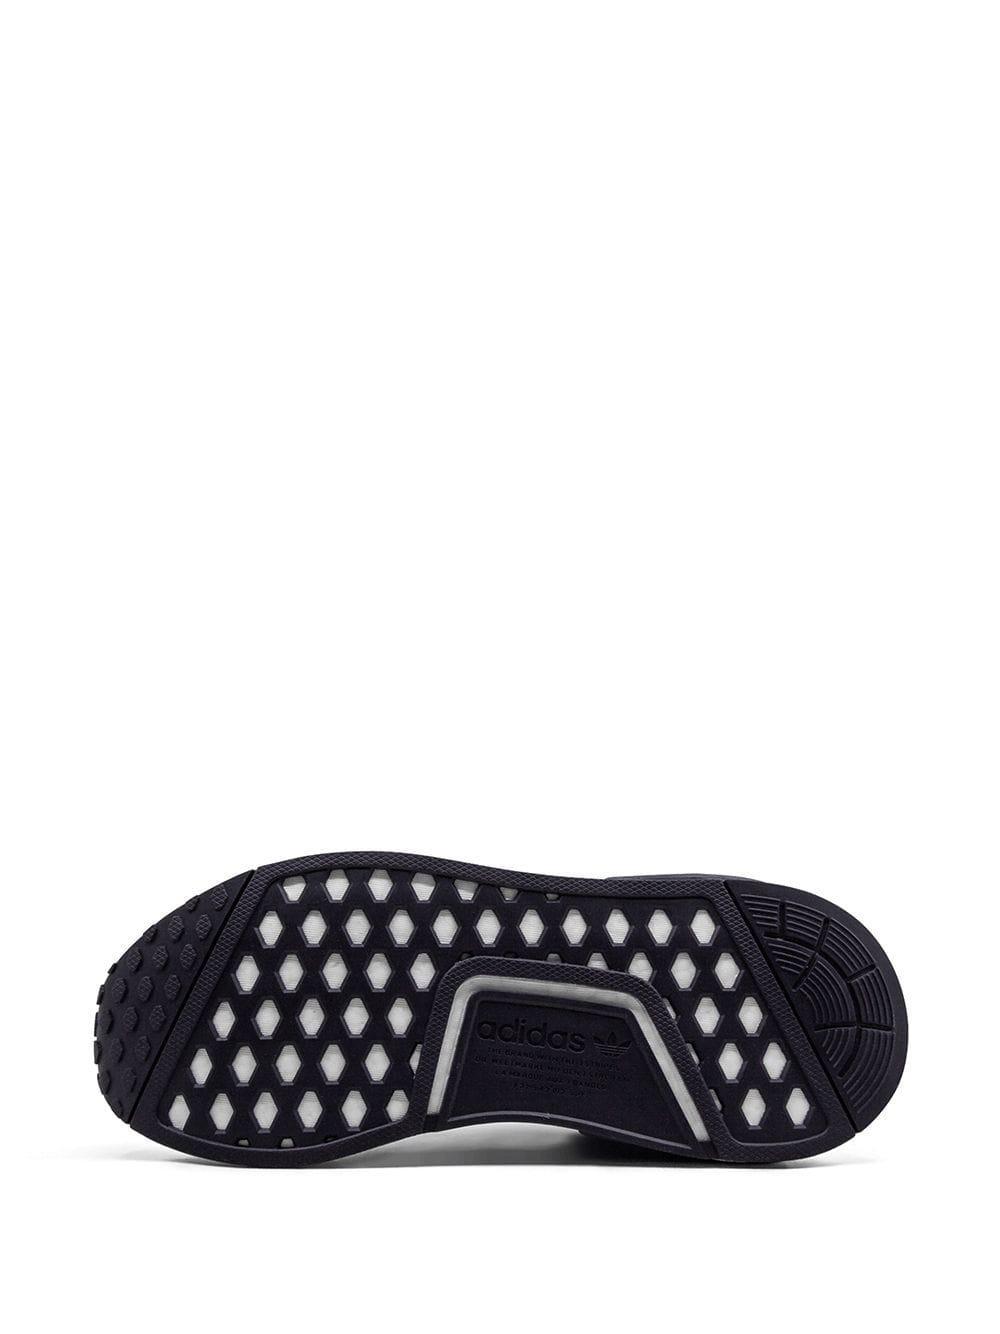 Zapatillas NMD_R1 W adidas de Tejido sintético de color Gris